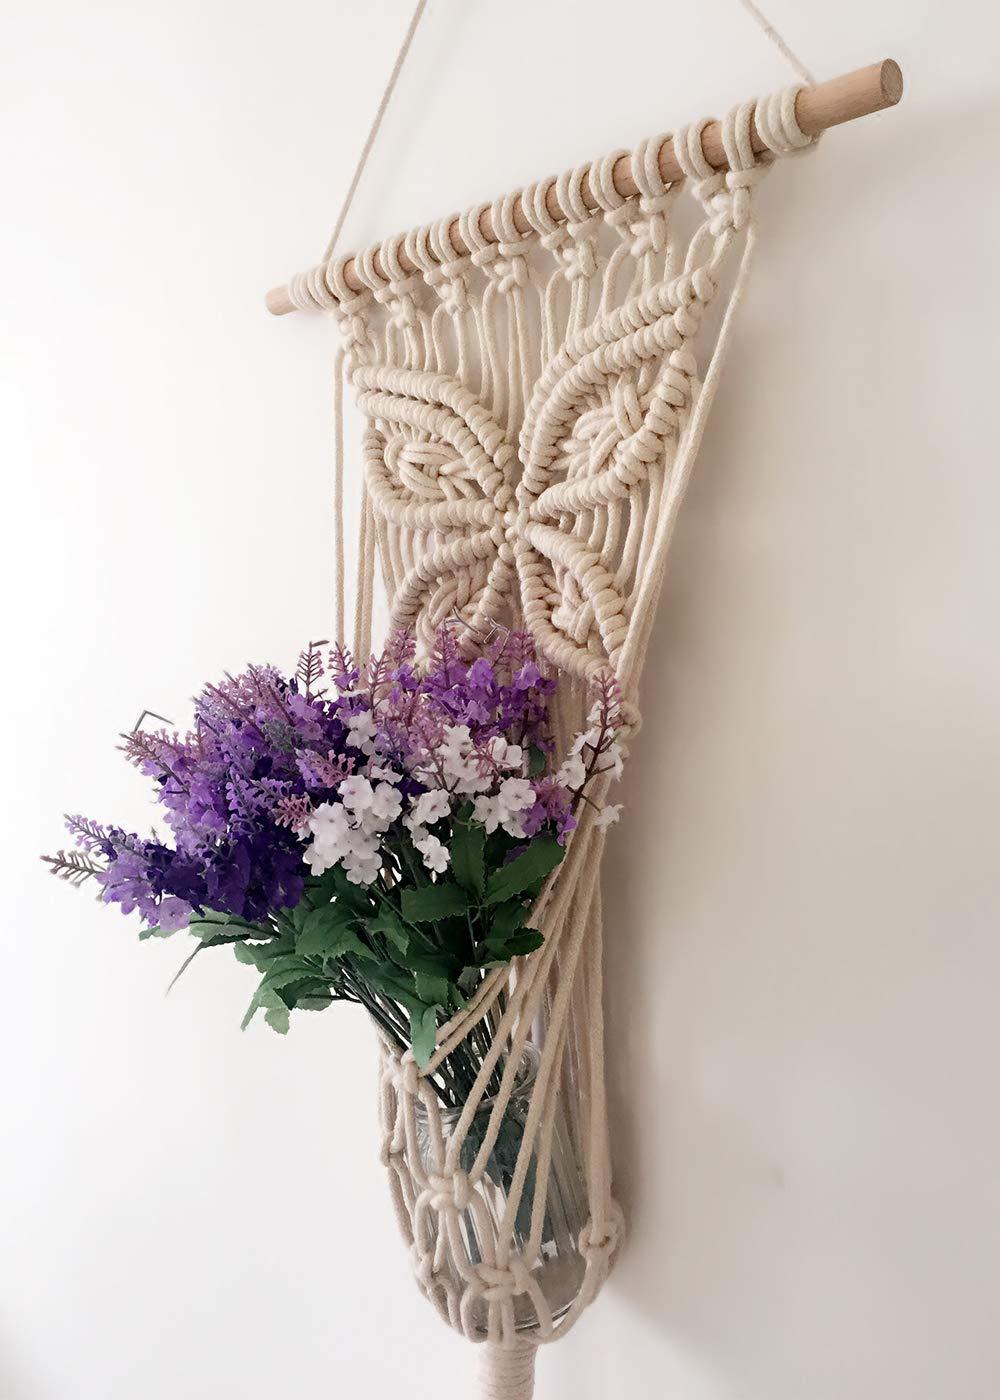 LSHCX Macrame Handmade Flower Plant Hanger Wall Art Home Decorative Art